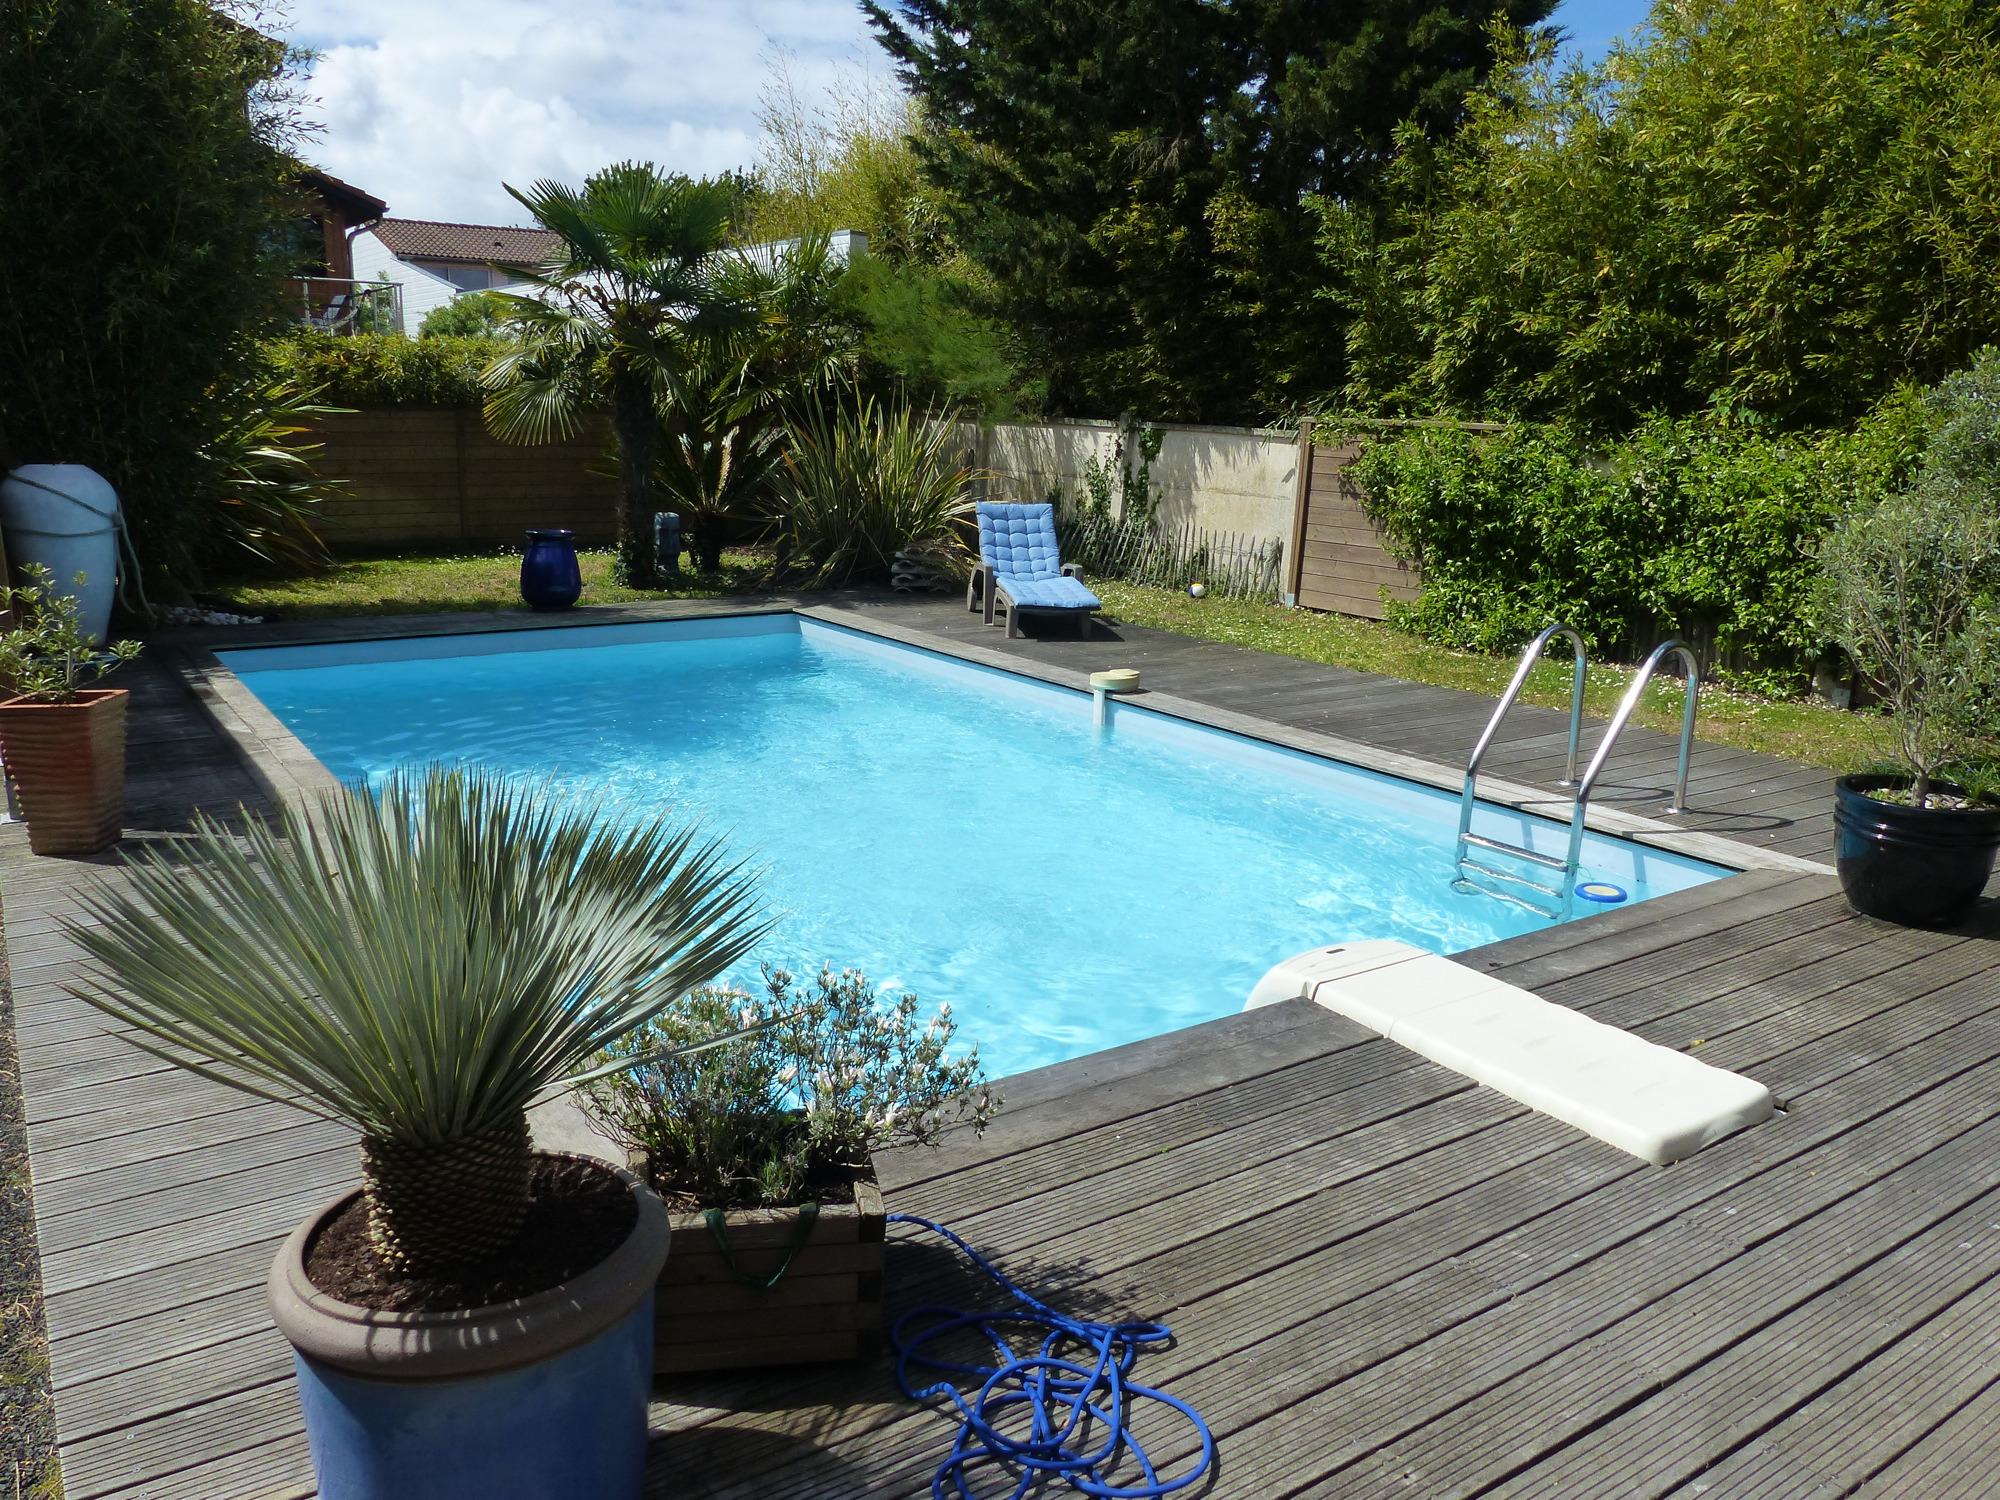 Bassin d 39 arcachon environnement exceptionnel villa bois - Camping bassin d arcachon avec piscine ...